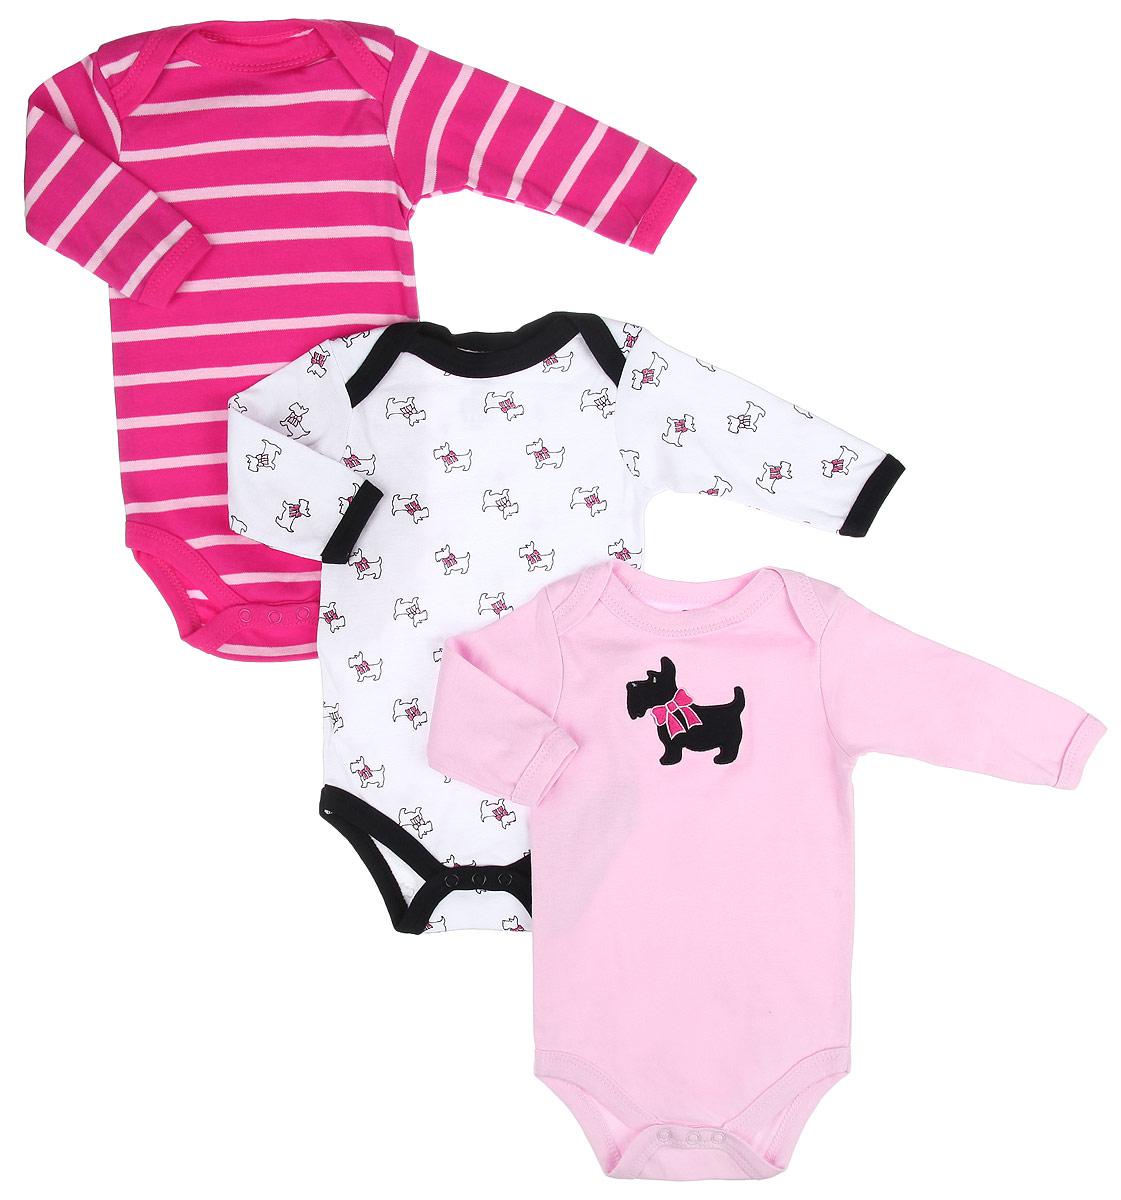 Боди для девочки Hudson Baby Собачка, цвет: розовый, белый, черный, 3 шт. 55133. Размер 61/67, 3-6 месяцев hudson baby hudson baby комплект одежды для малыша боди олени 3 шт синий серый